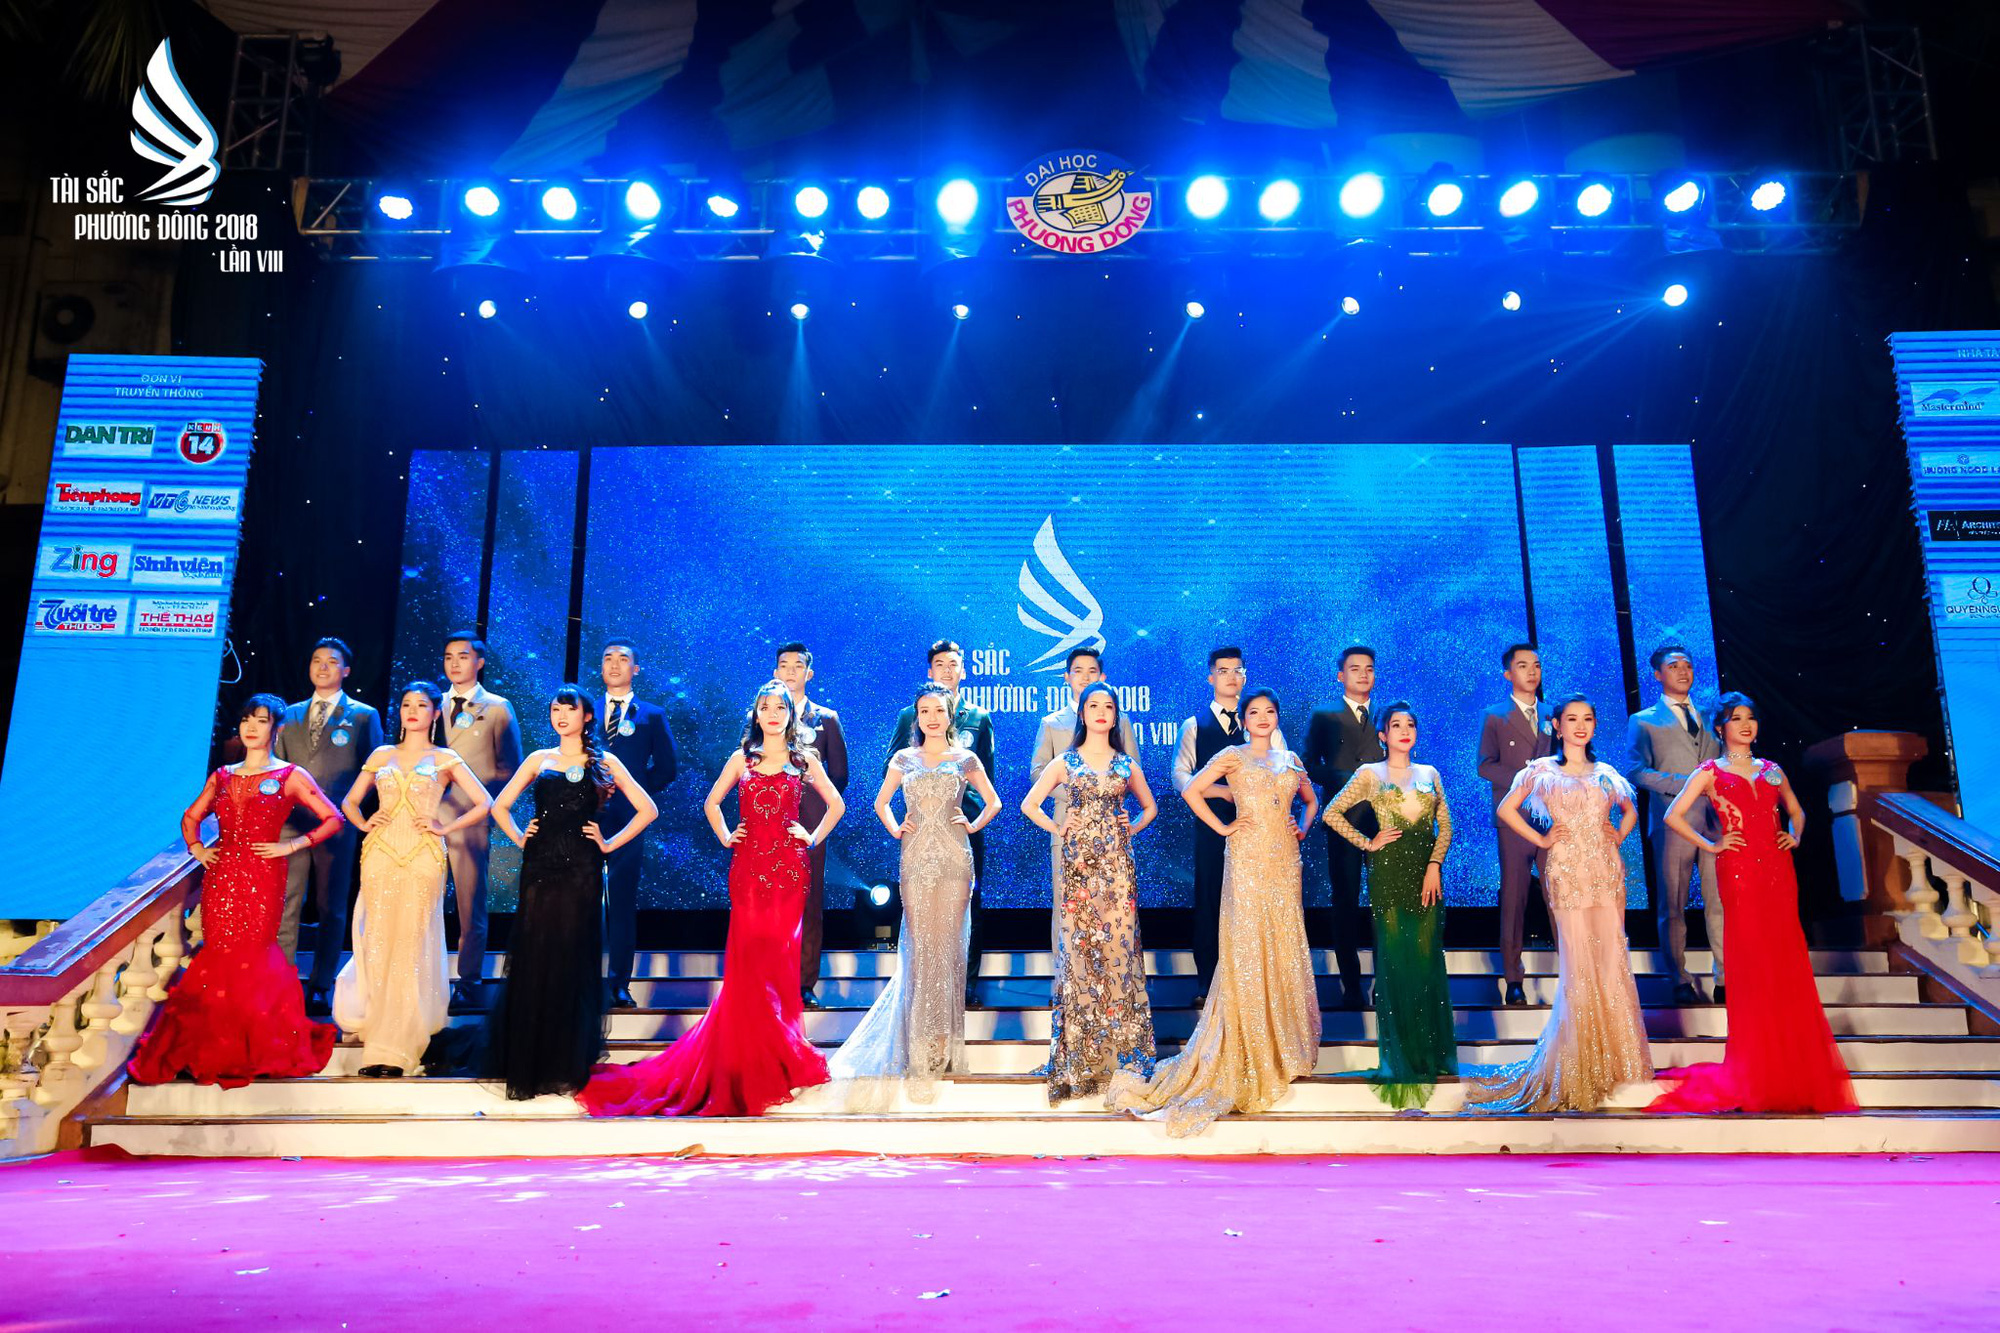 Gặp gỡ cô nàng Gen Z tài năng của Đại học Phương Đông hiện đang là gương mặt nổi bật tại Miss World Việt Nam 2021 - Ảnh 3.